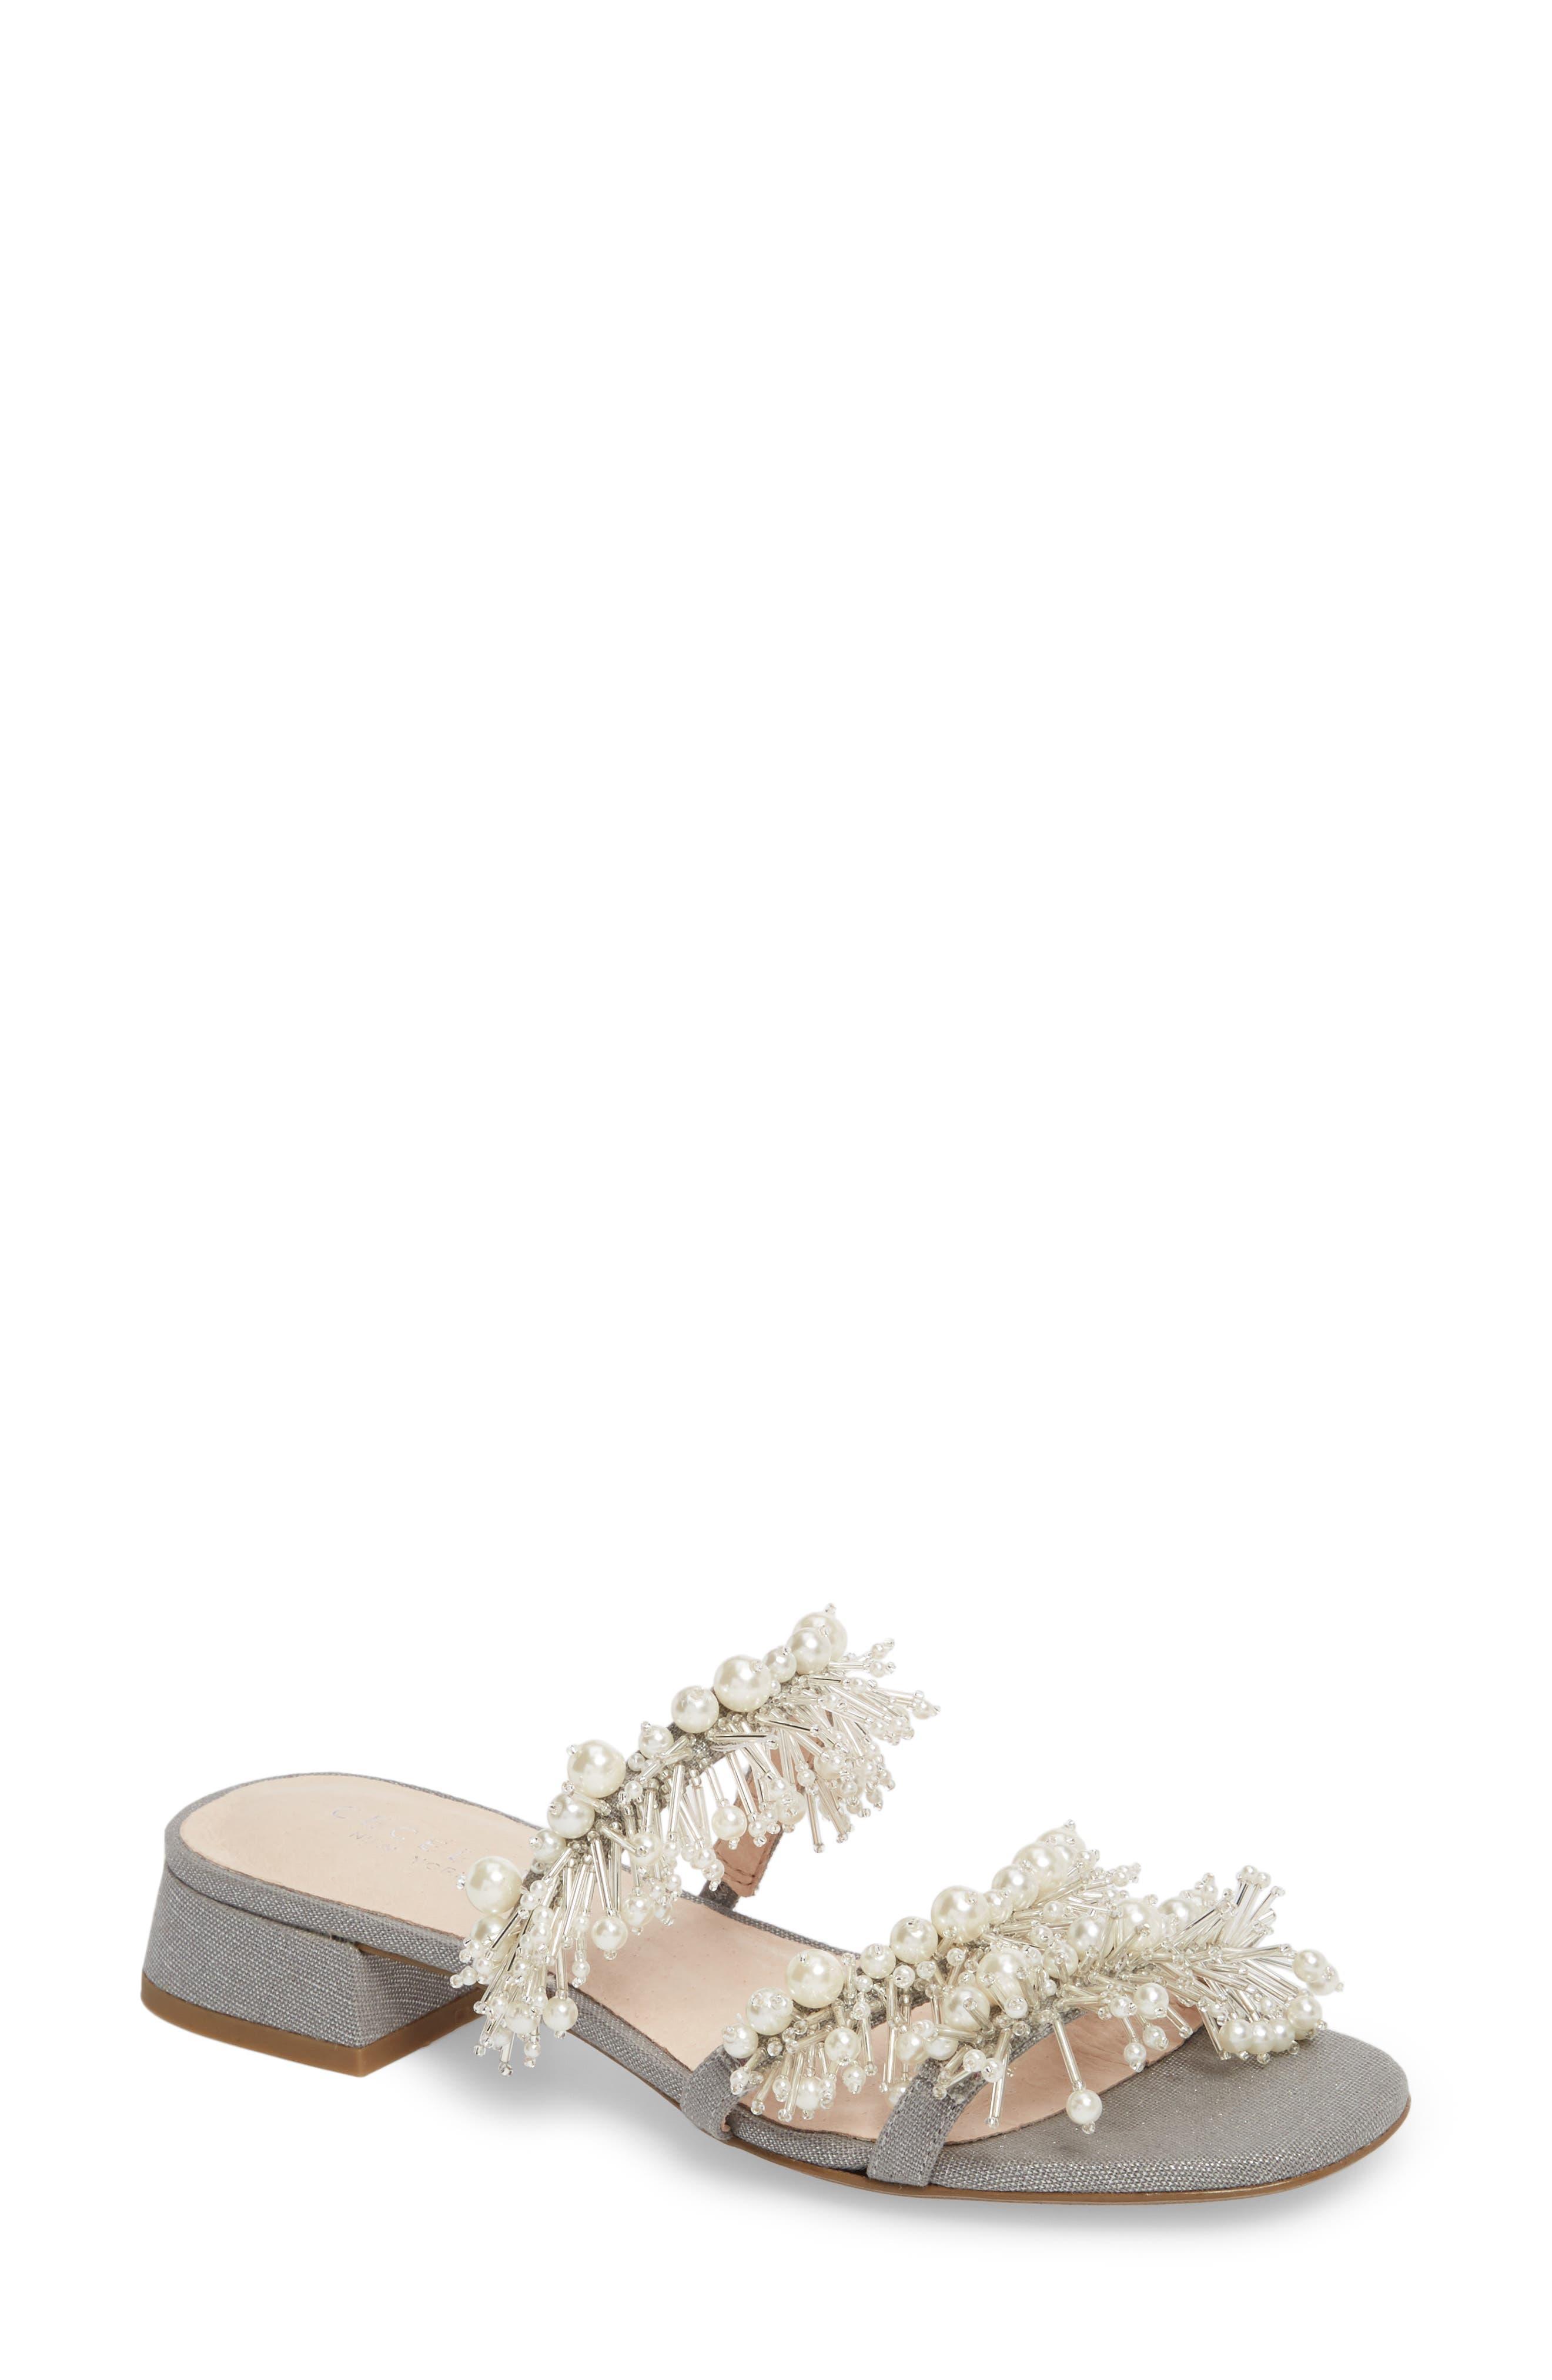 Fes Embellished Slide Sandal, Main, color, GREY FABRIC